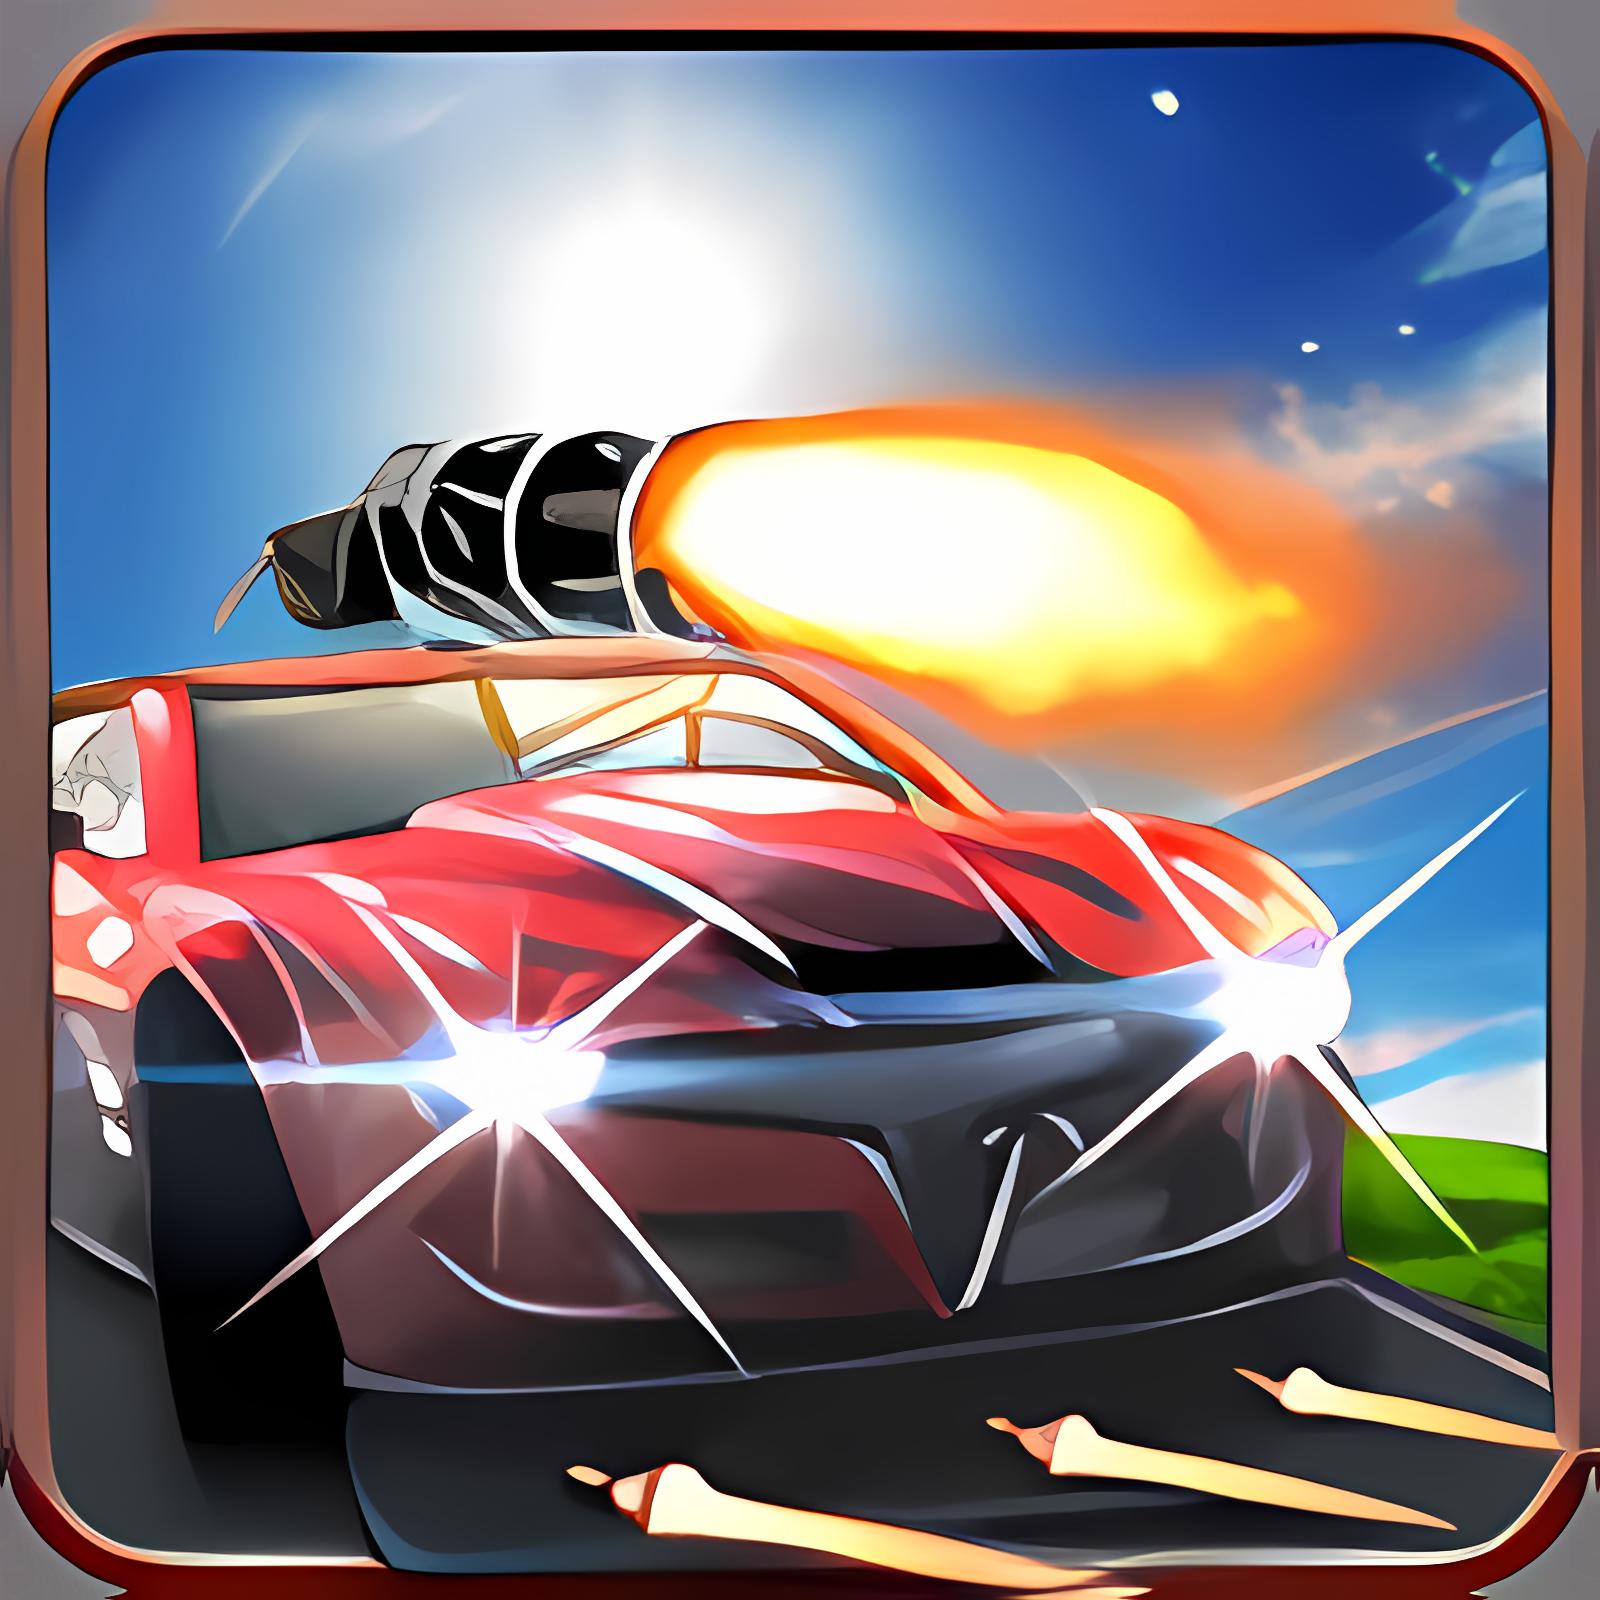 Smash Car Hit Racing Game Free 1.0